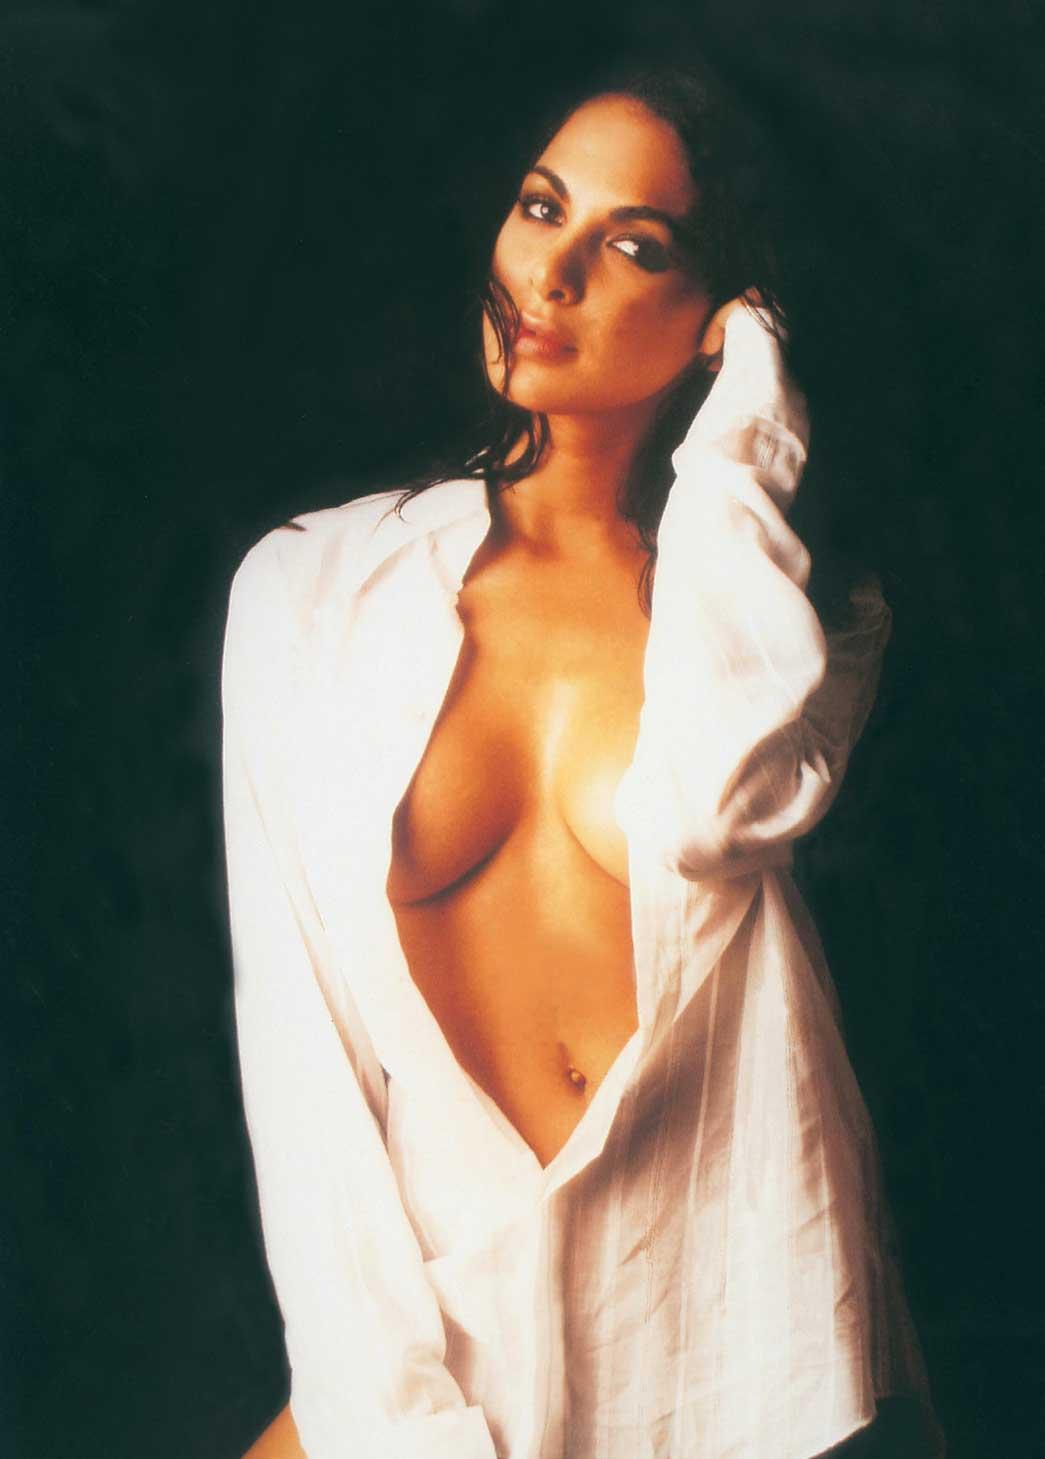 http://1.bp.blogspot.com/-4LCfavwXZrs/Tir5lSJj2HI/AAAAAAAAAgo/Ov4caerCDXM/s1600/dollys-from-holly.blogspot.com_moran_atias_05.jpg